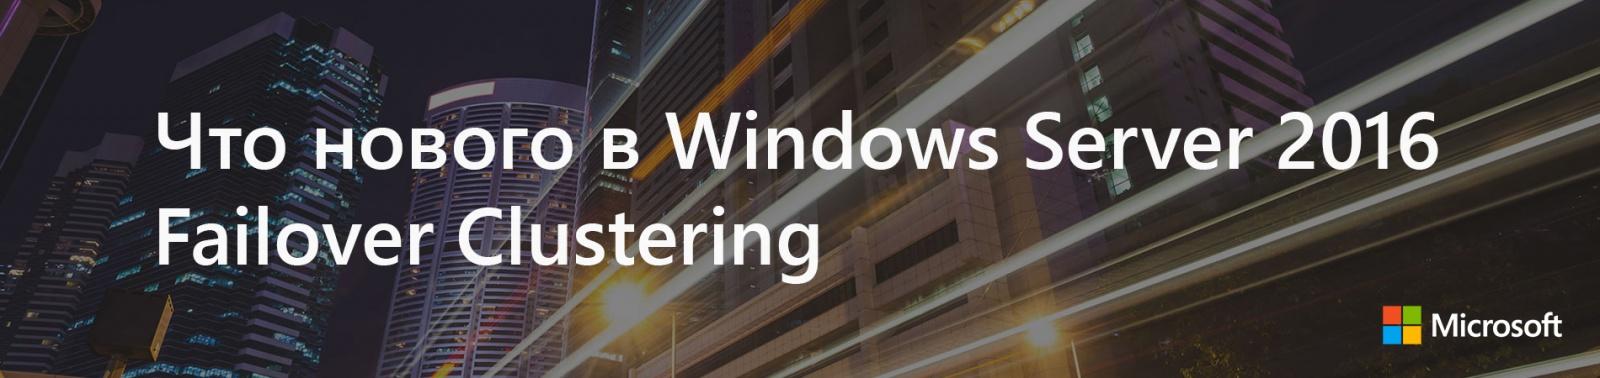 Что нового в Windows Server 2016 Failover Clustering - 1